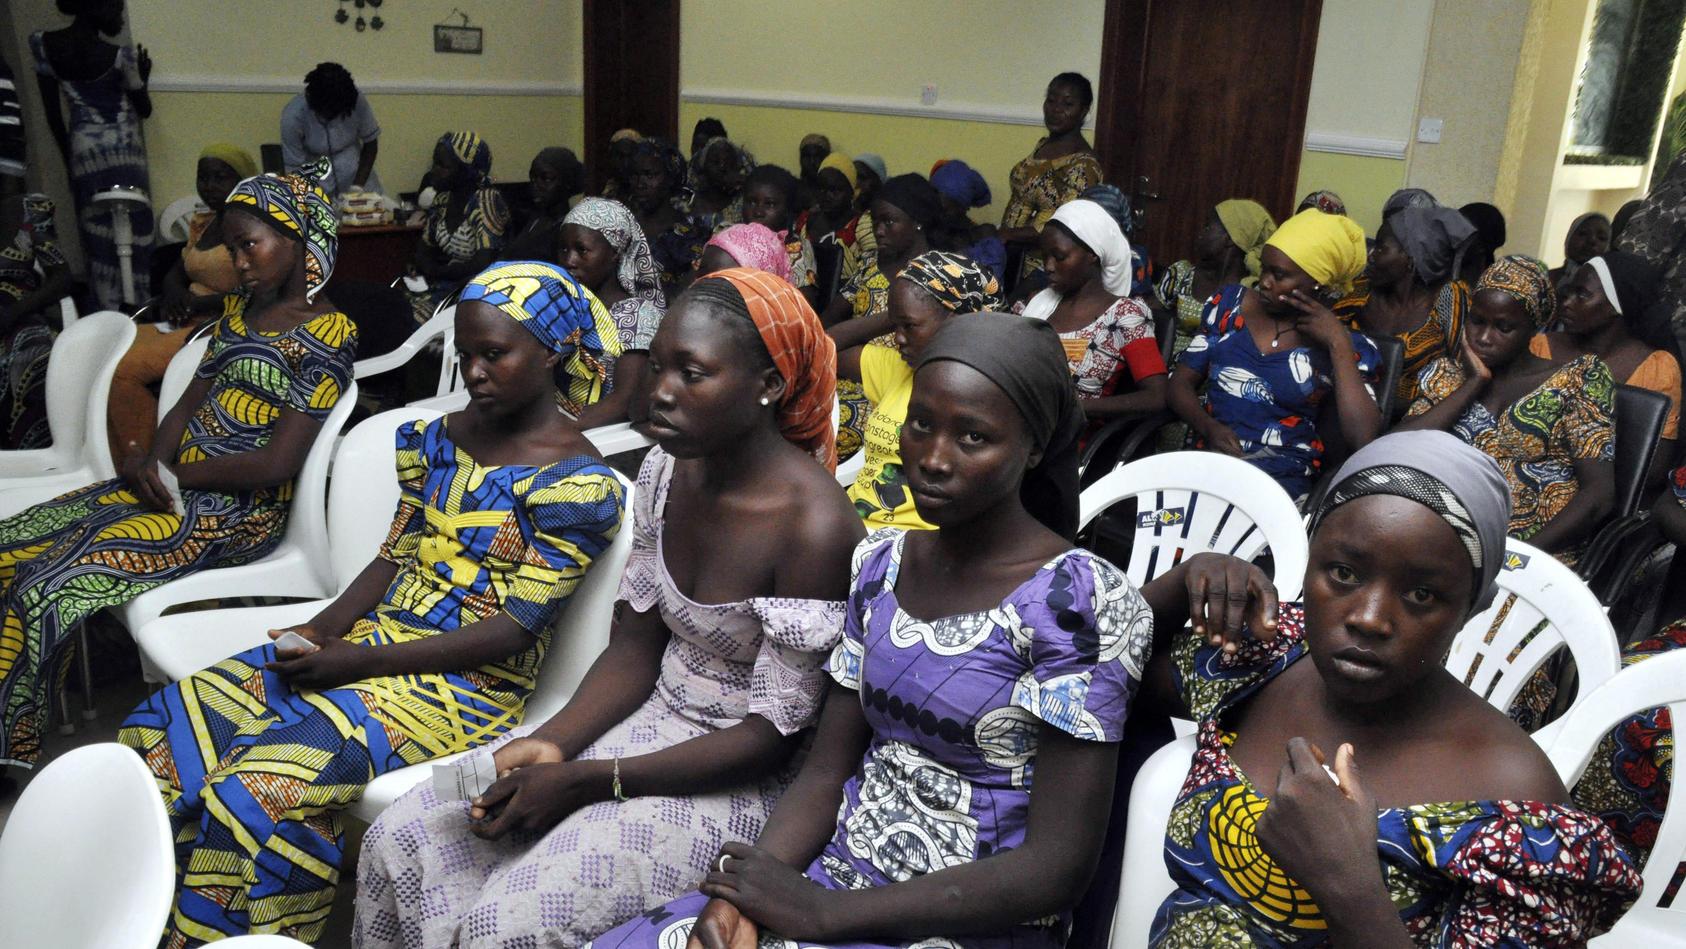 Archivfoto vom 7. Mai 2017: Chibok-Schulmädchen, die aus der Gefangenschaft von Boko-Haram-Extremisten befreit wurden (Symbolfoto)